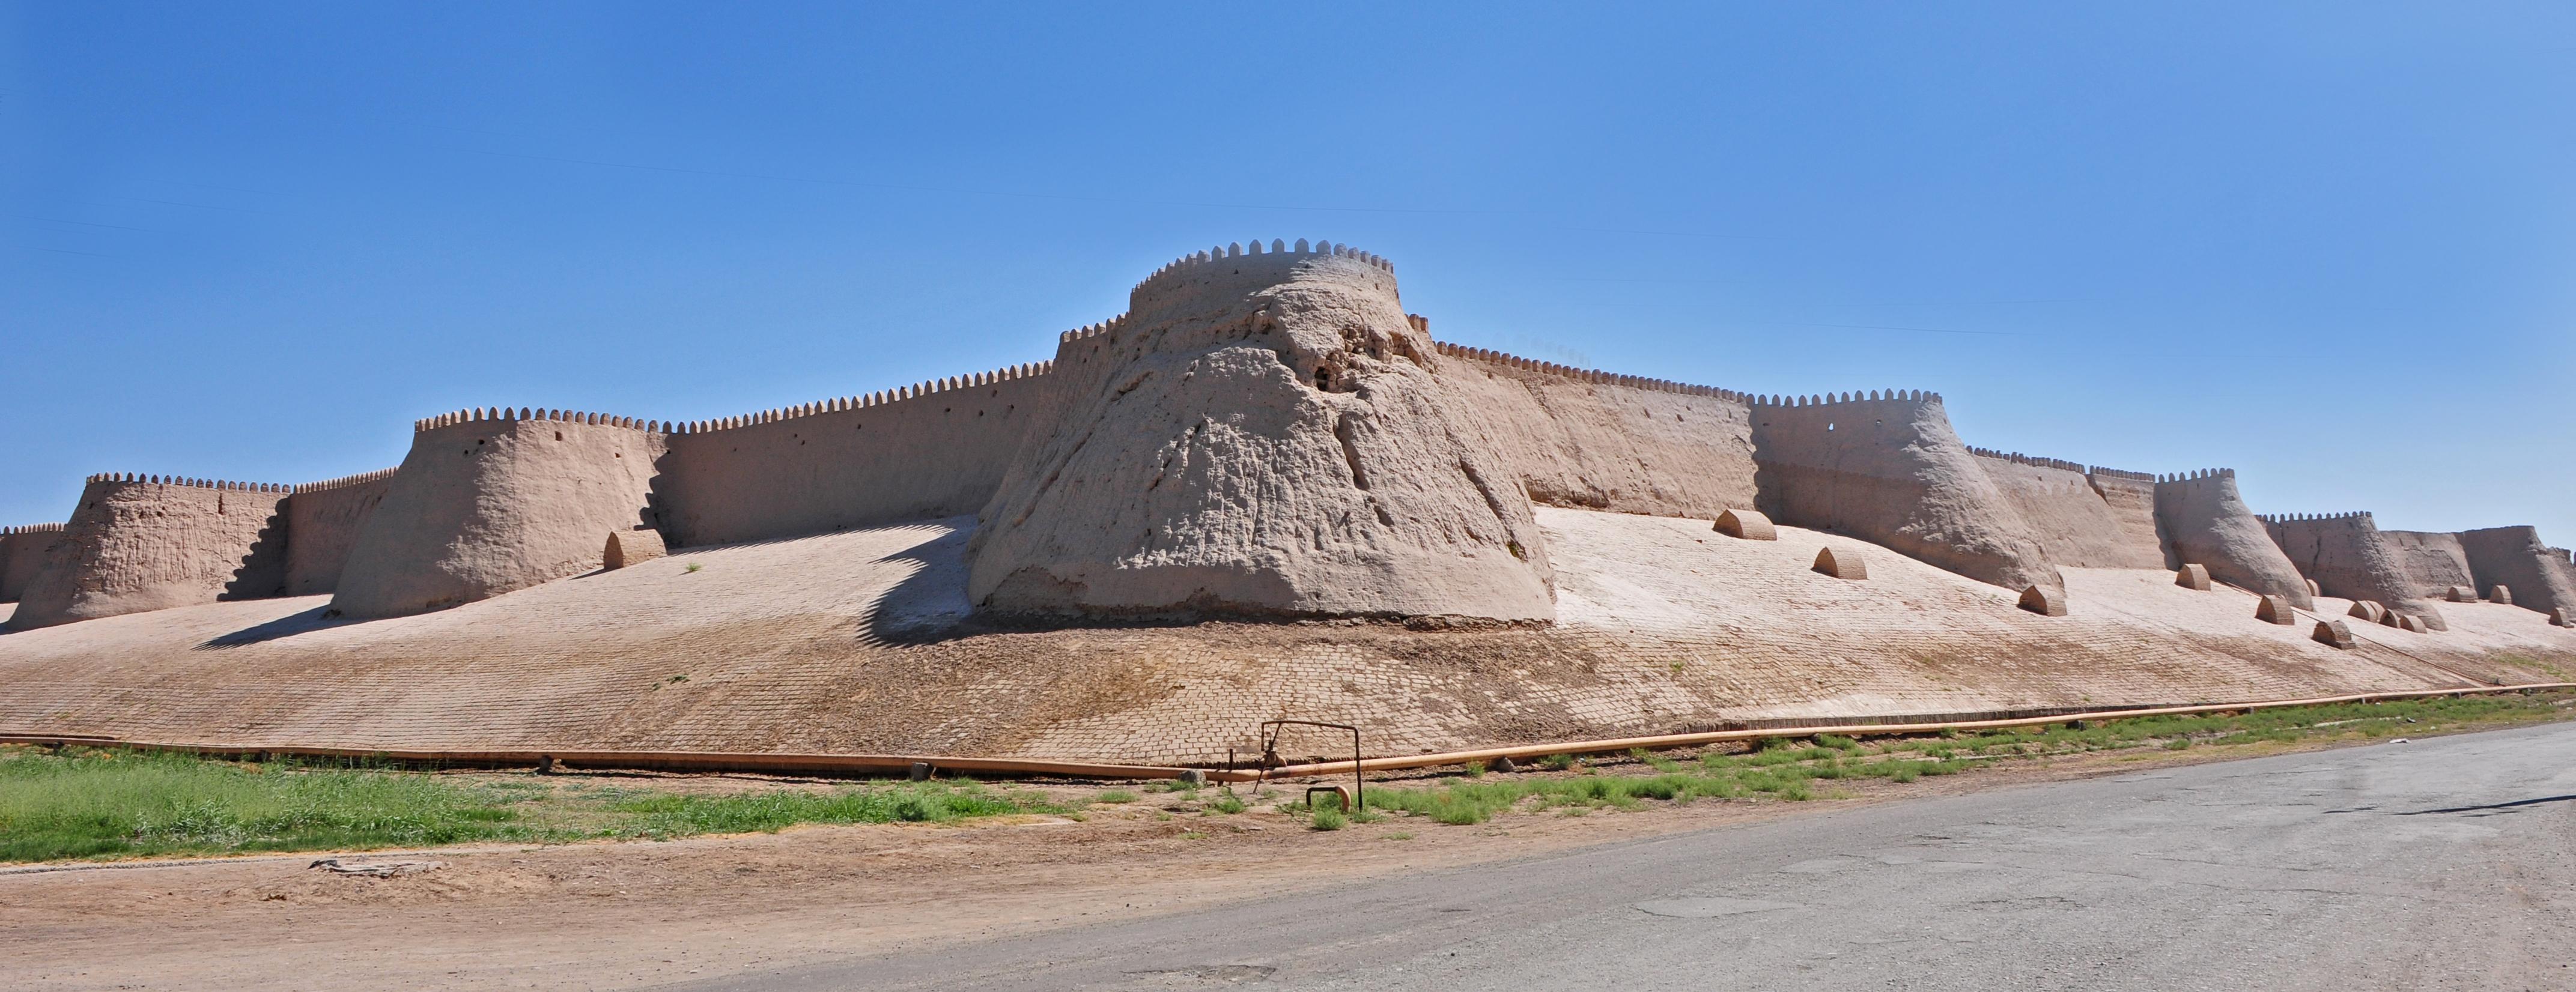 Muralla-sudoeste-Khiva